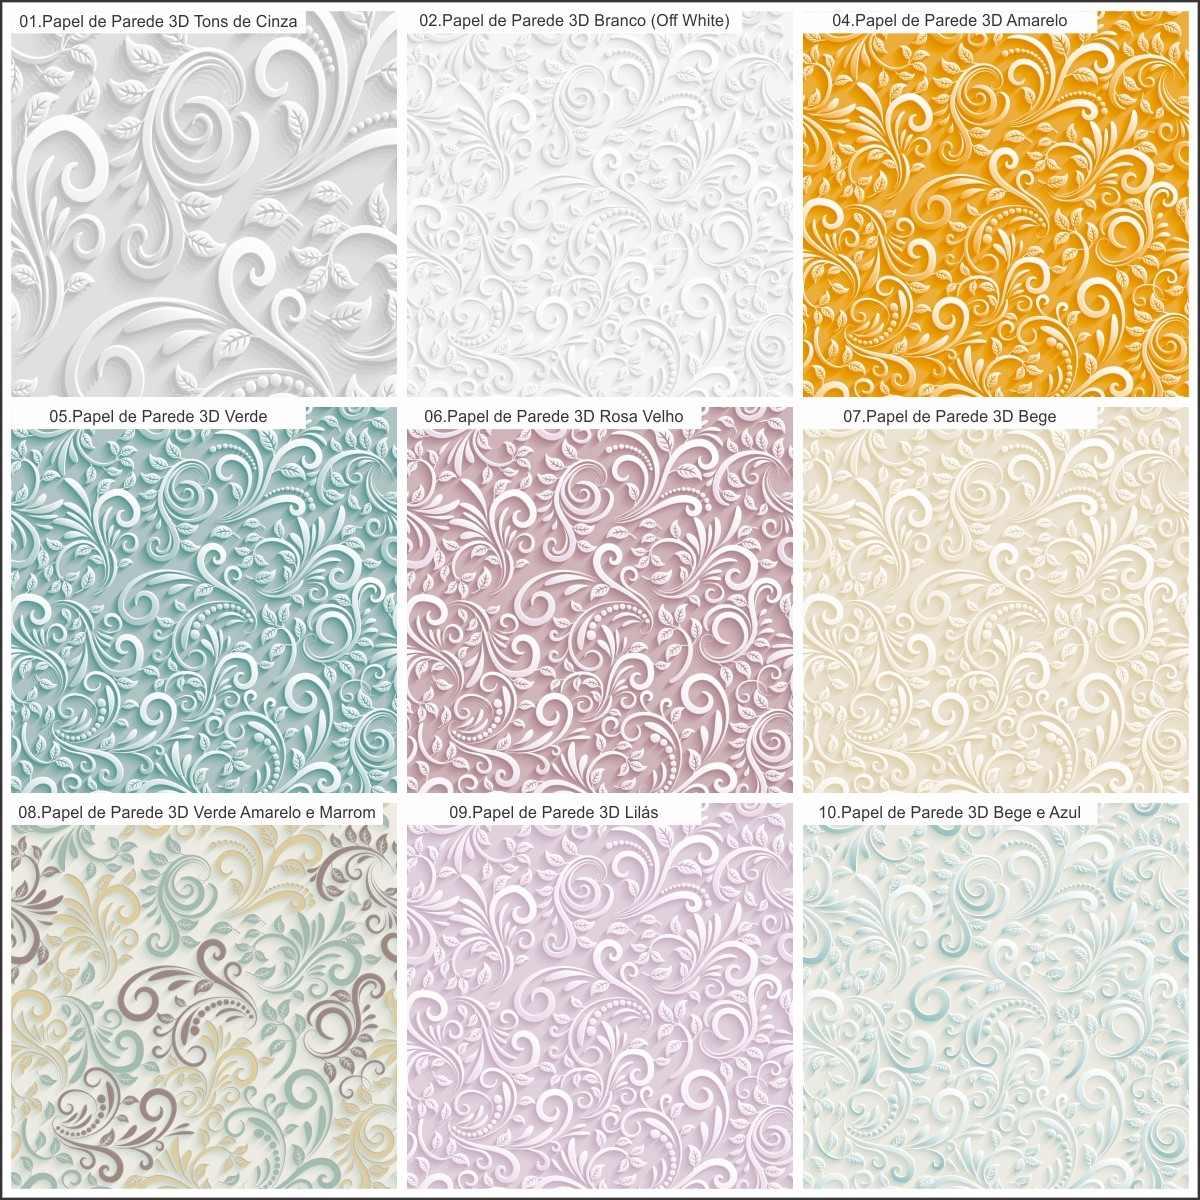 Papel de parede floral efeito 3d r 44 90 em mercado livre for Papel para paredes salon